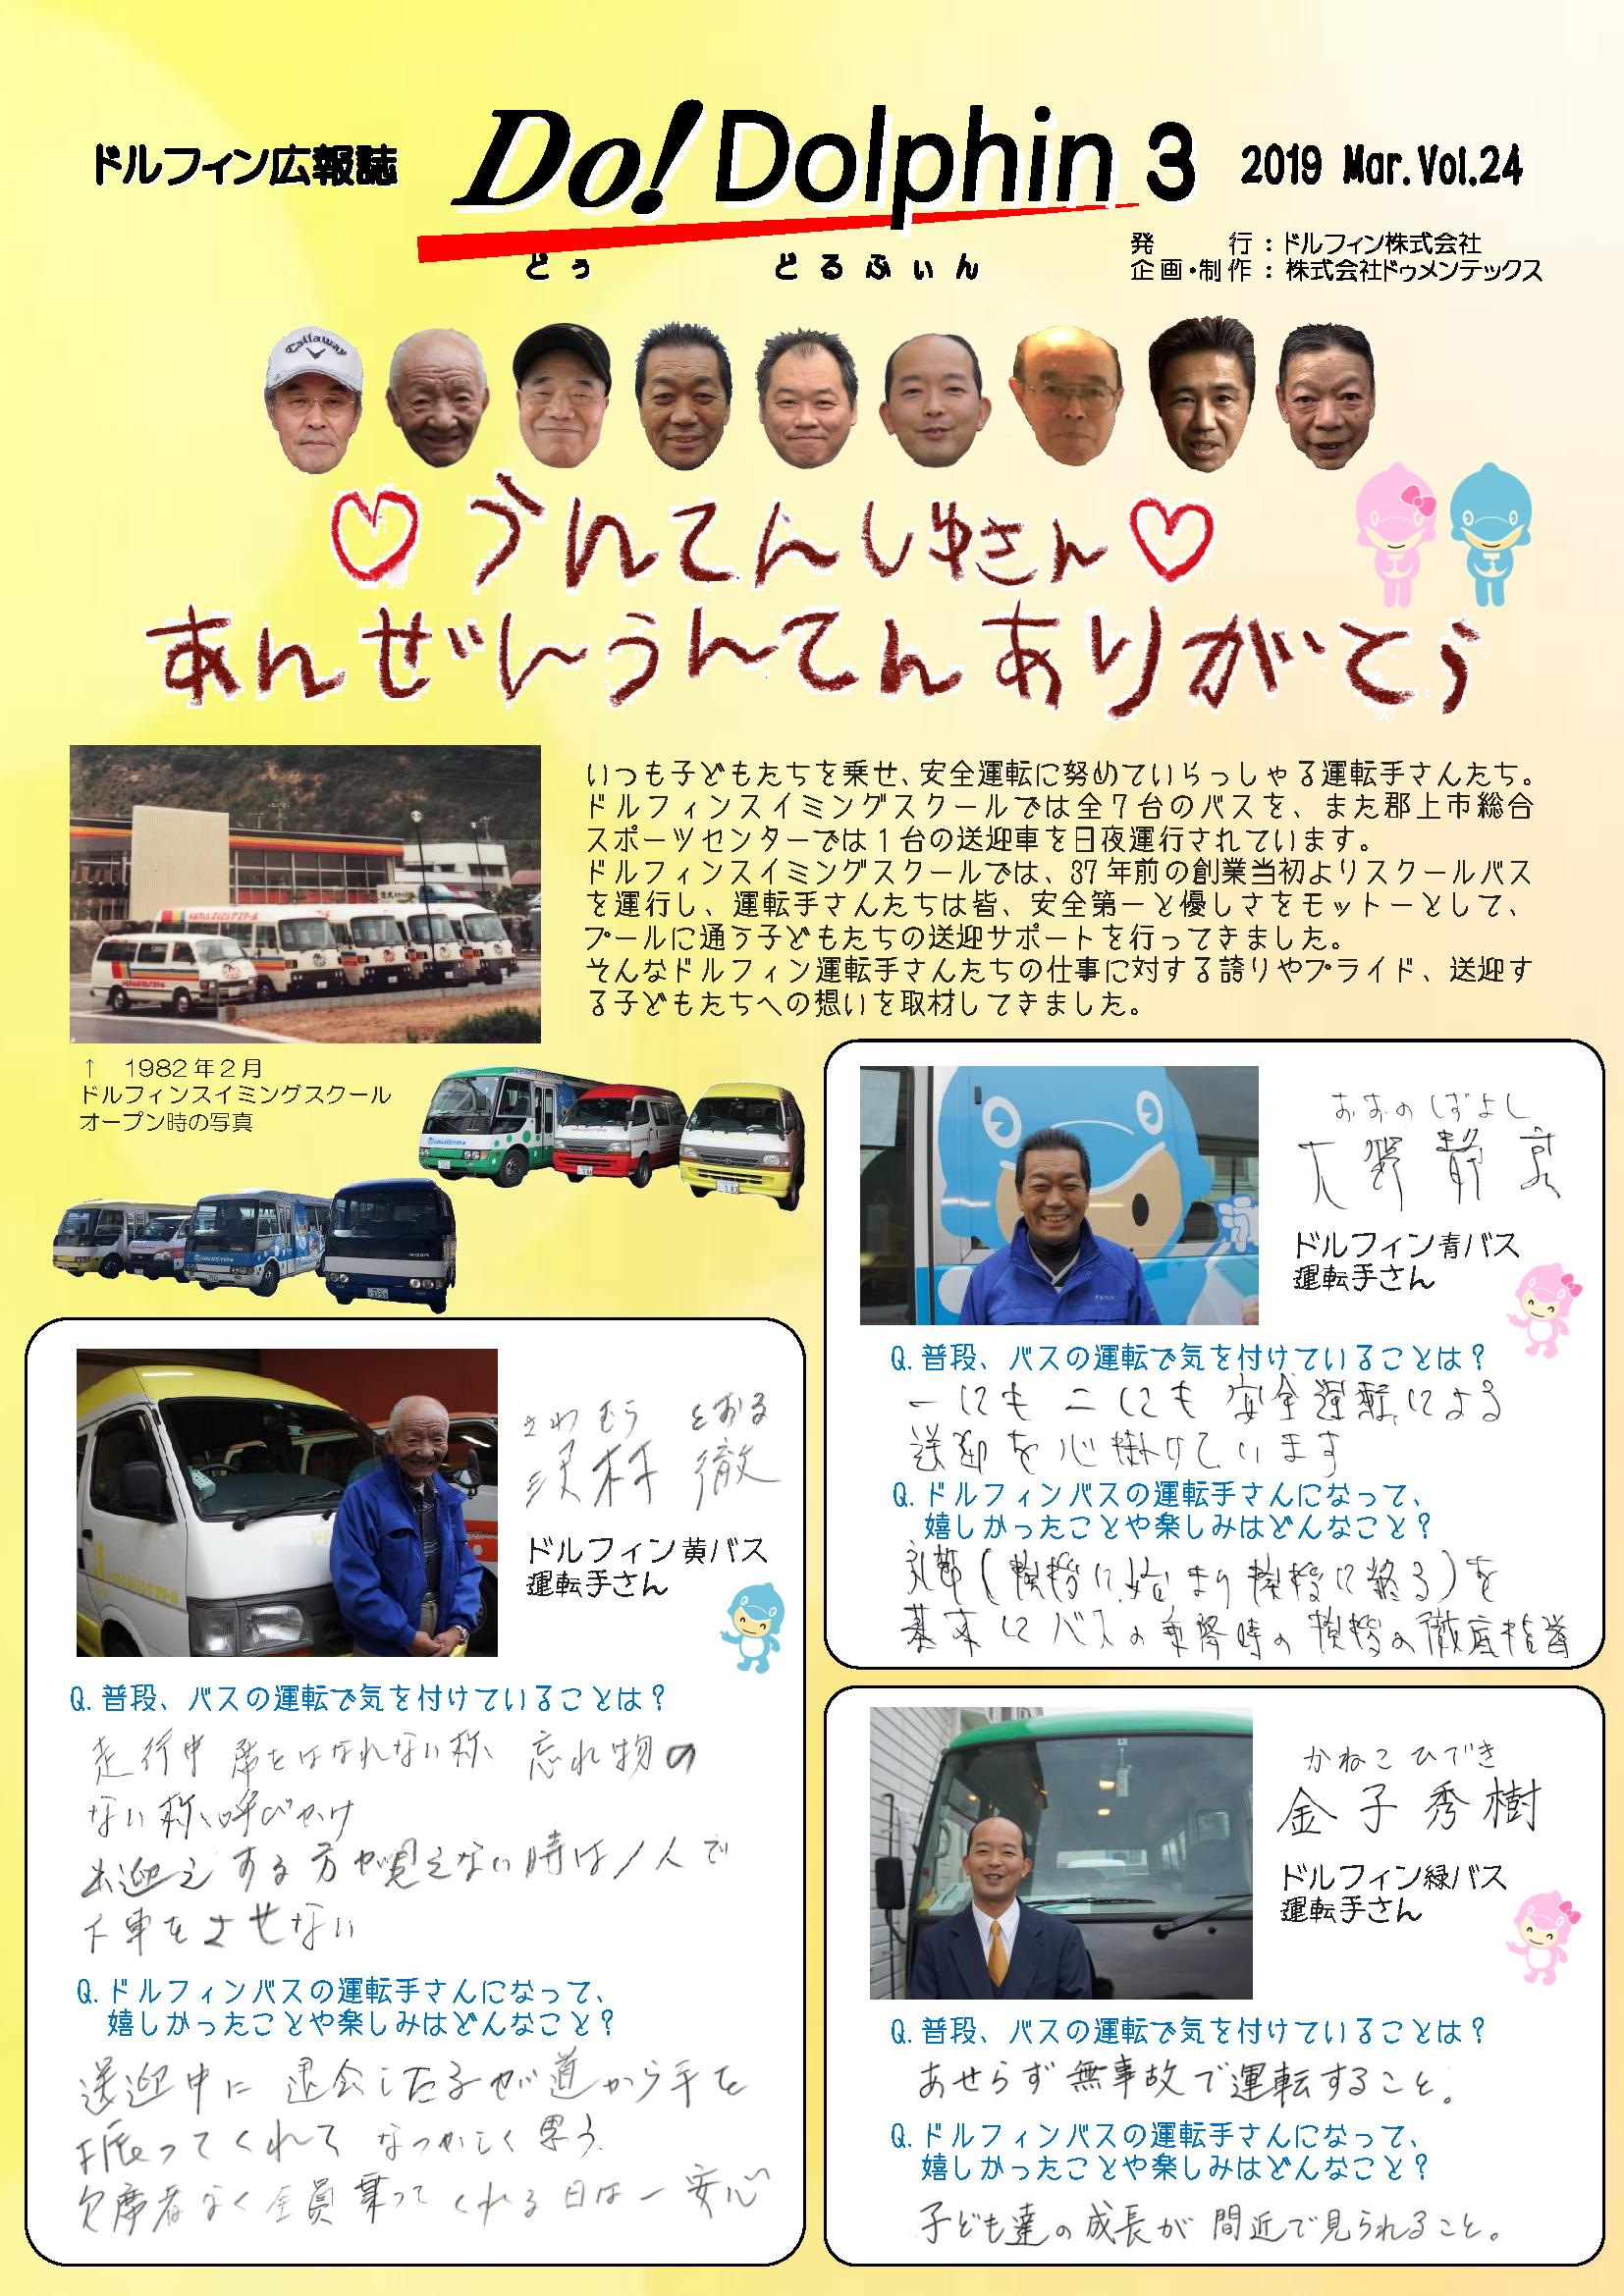 ドルフィン広報誌3月号校了_ページ_1